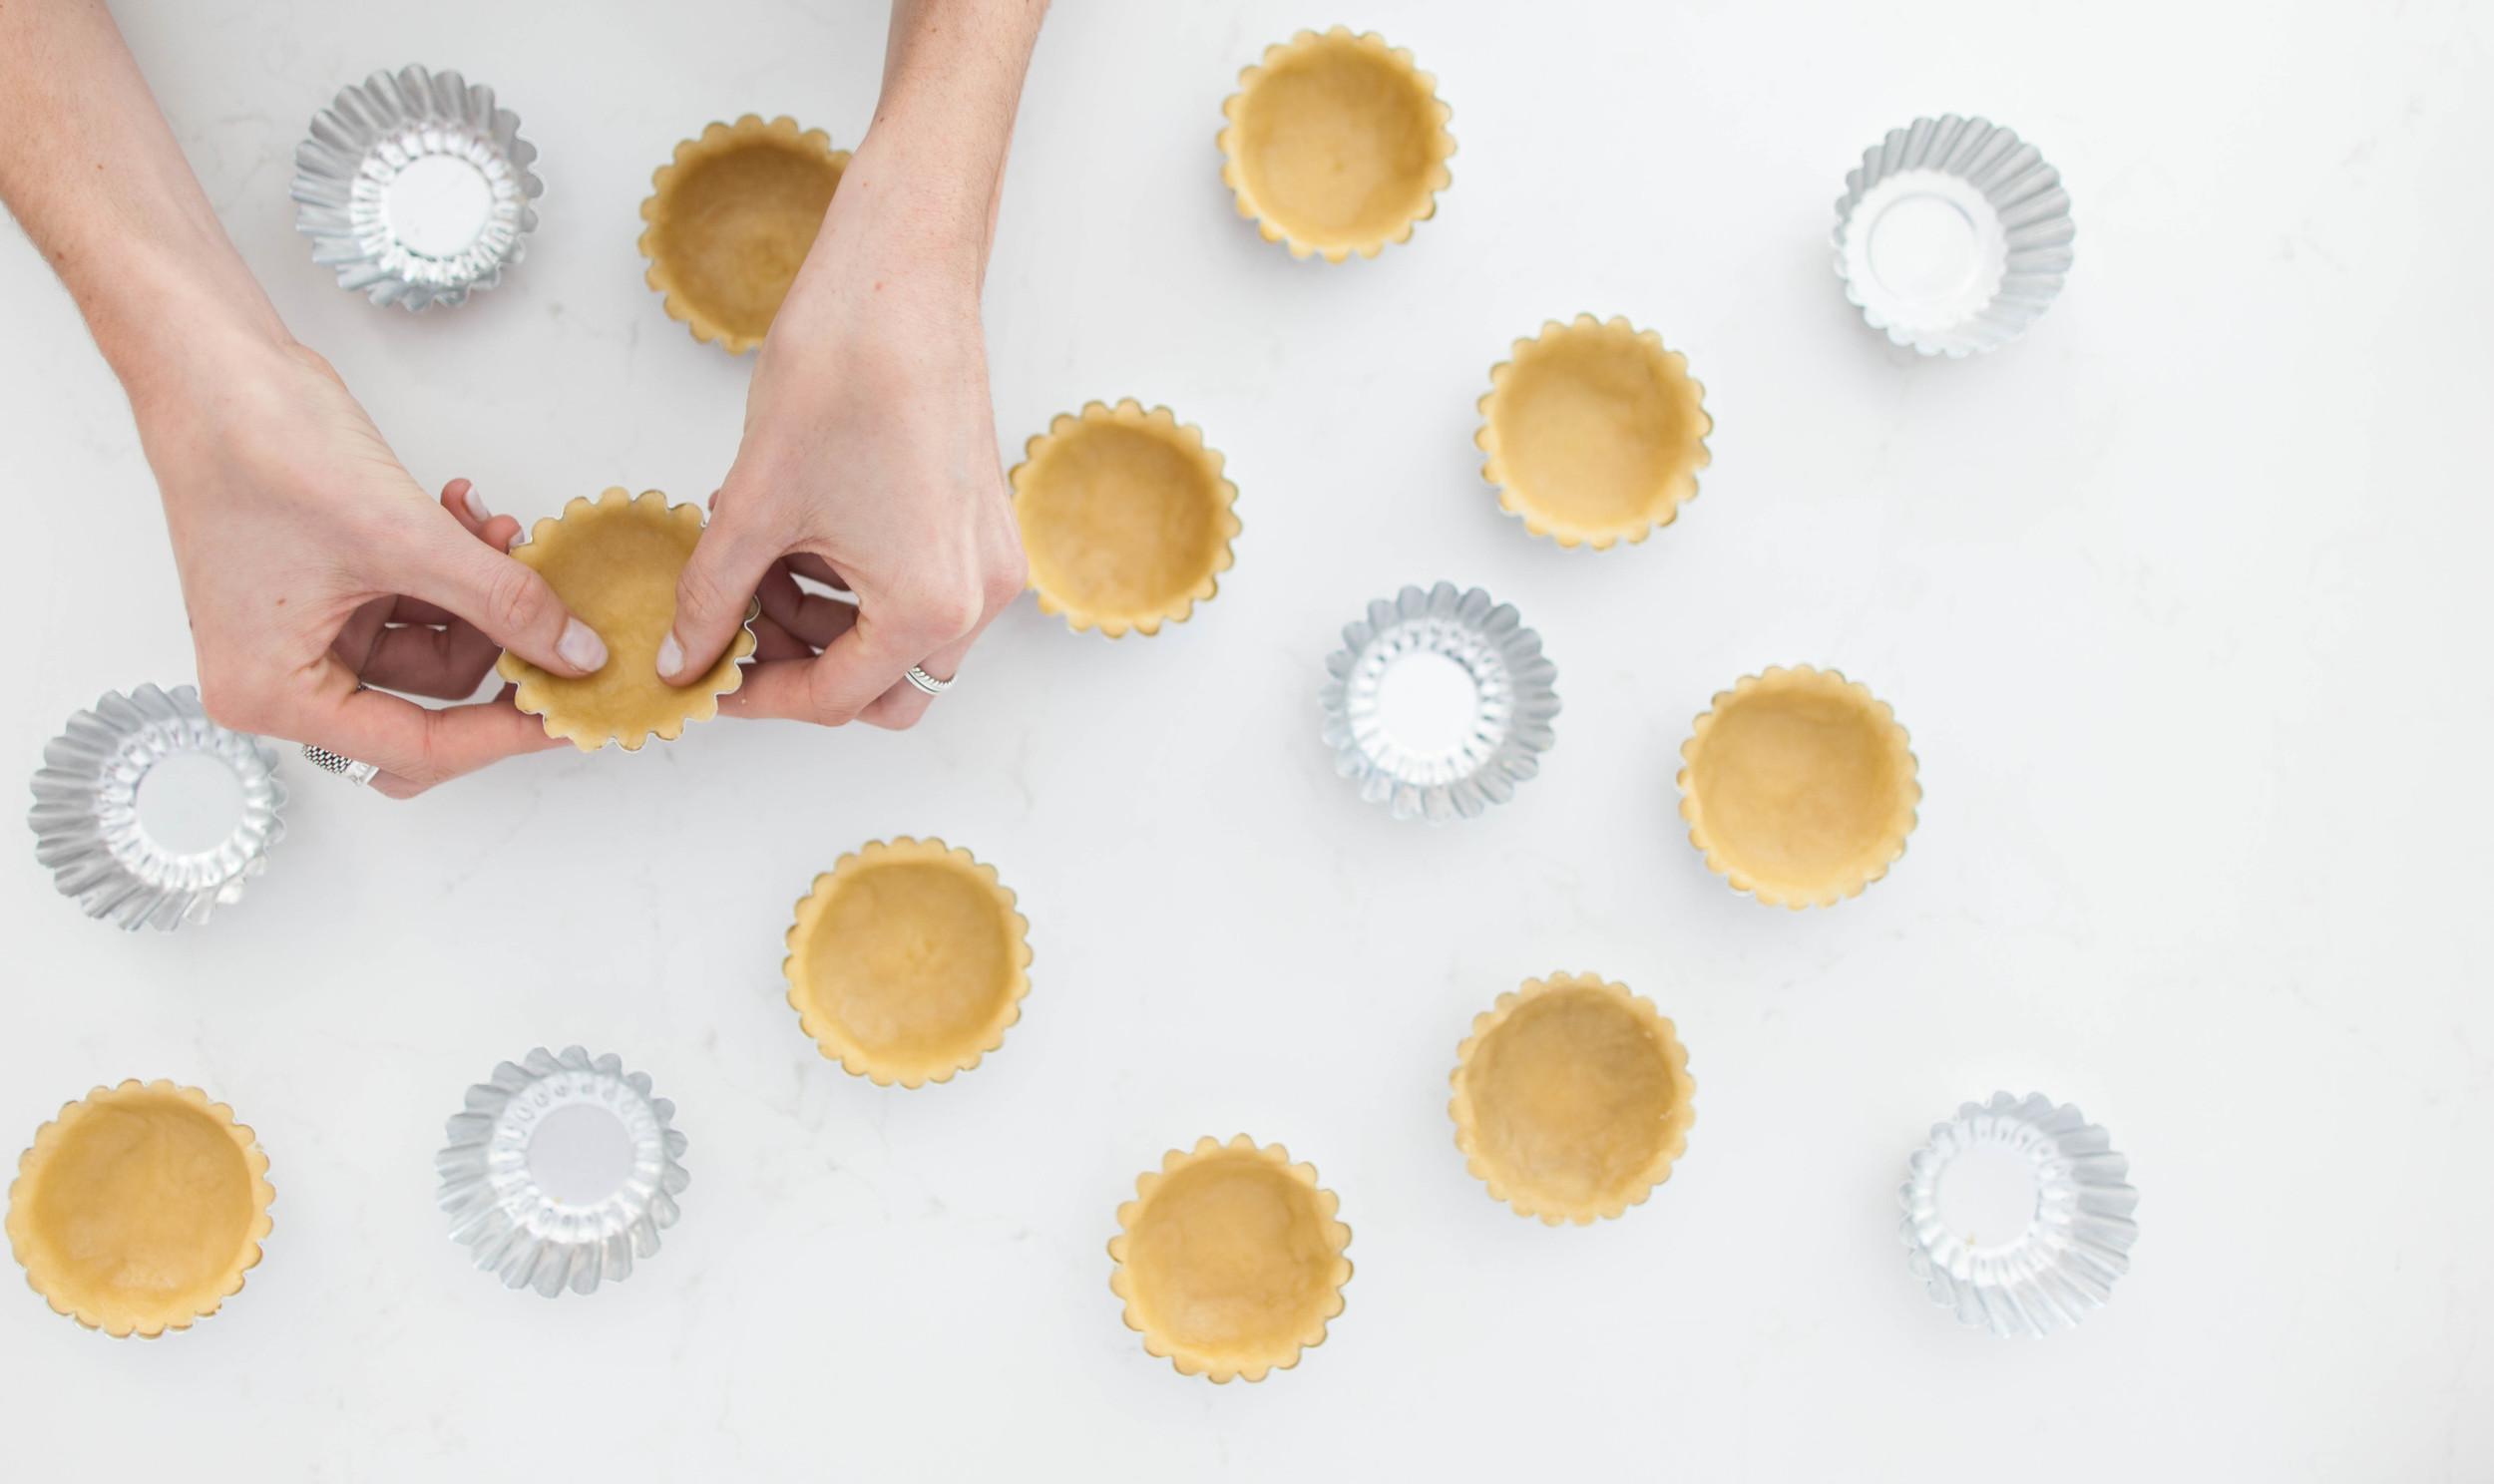 Egg Tart with hands 1.jpg